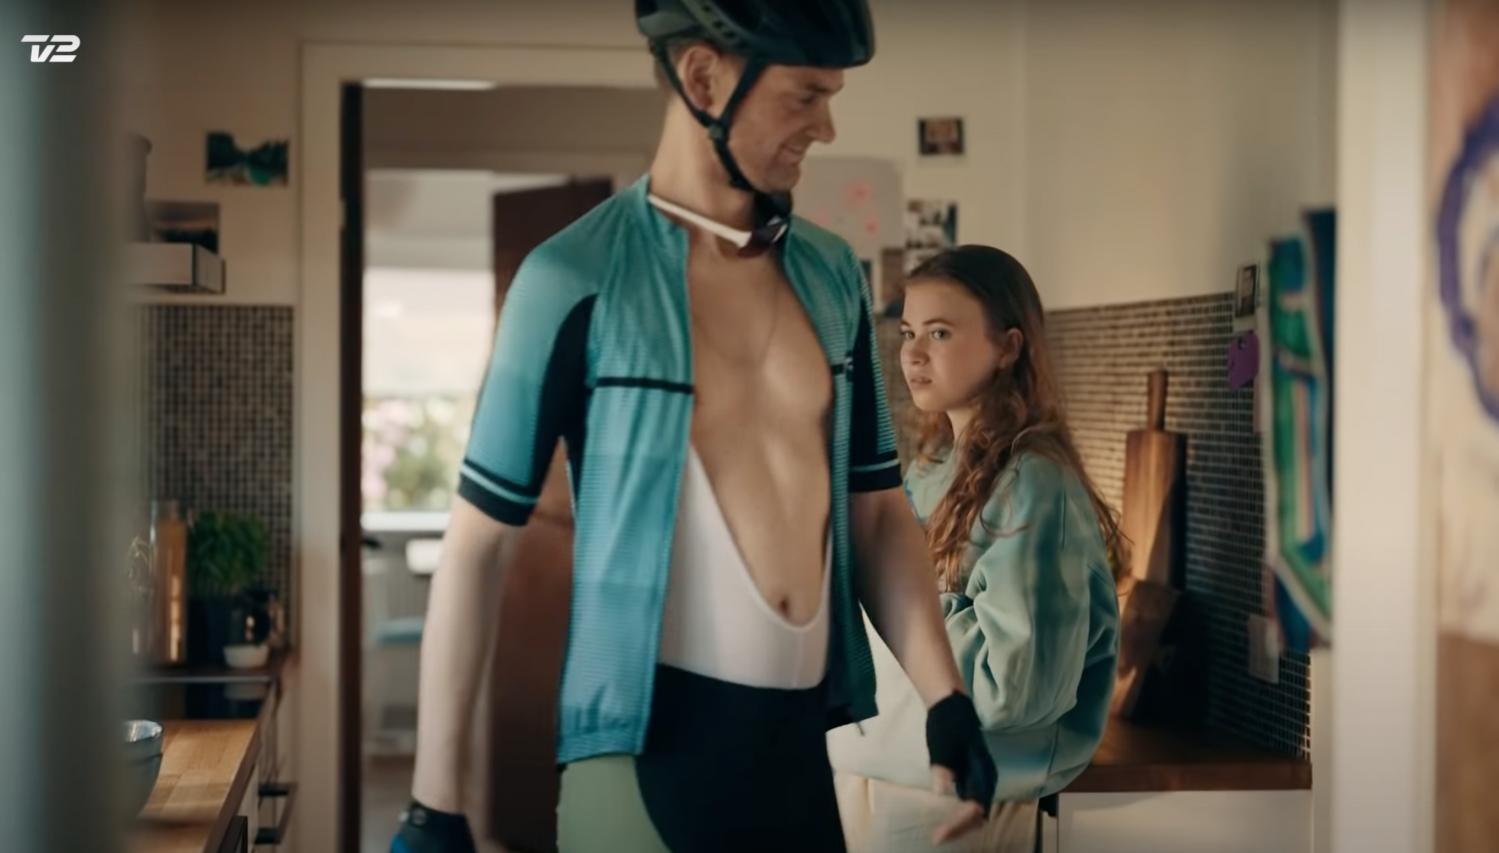 Helden in Lycra - Die Tour de France ist los